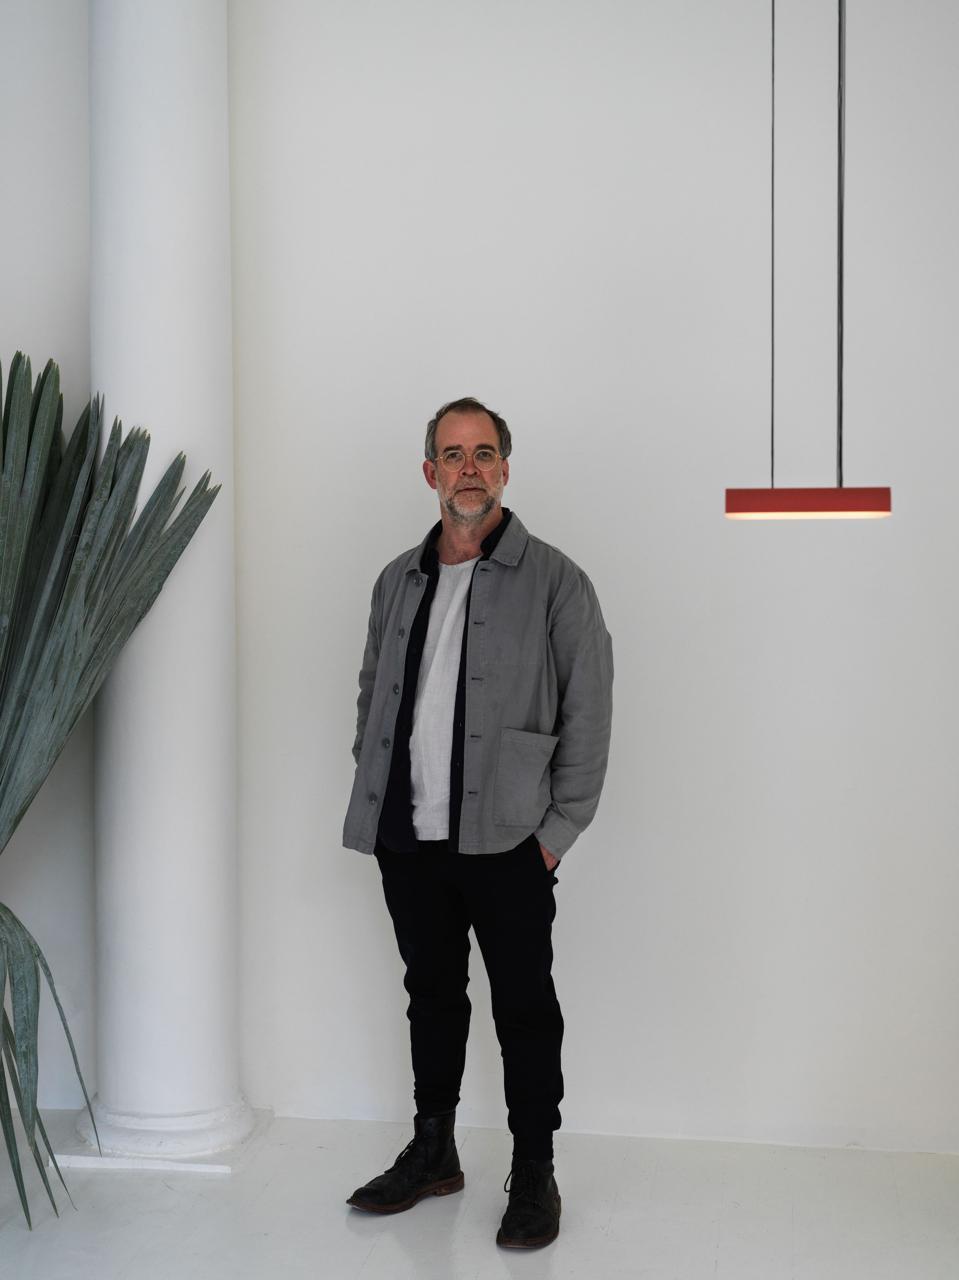 Founder and creative director Samuel Lambert in his new showroom, located in Tribeca's historic Schepp Building.